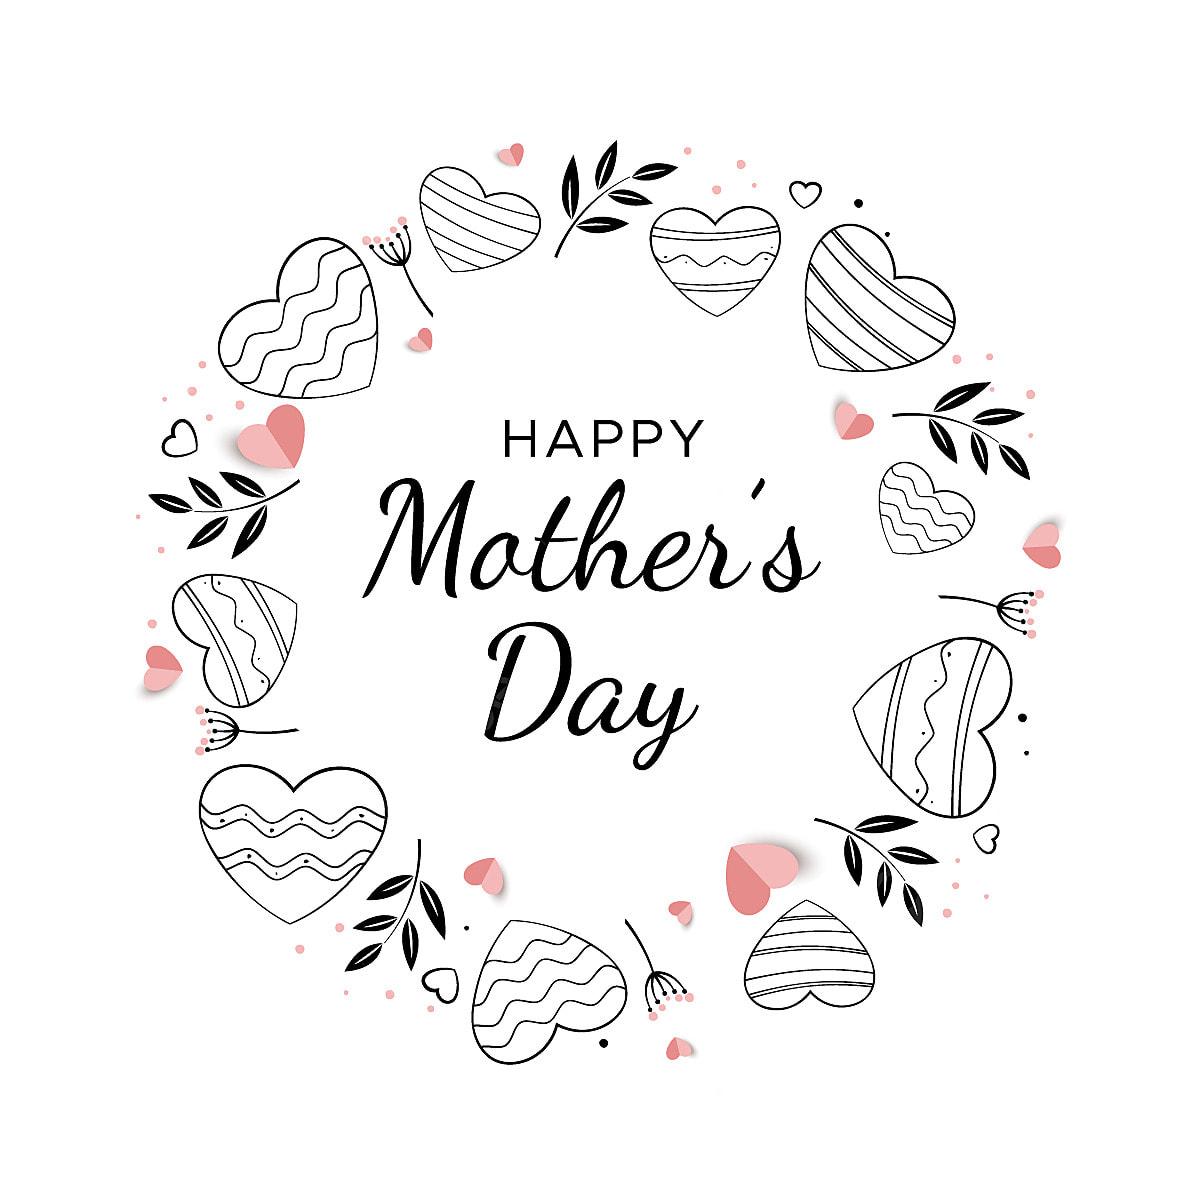 Tarjeta Del Día De La Madre Con Una Guirnalda De Corazones Madre La